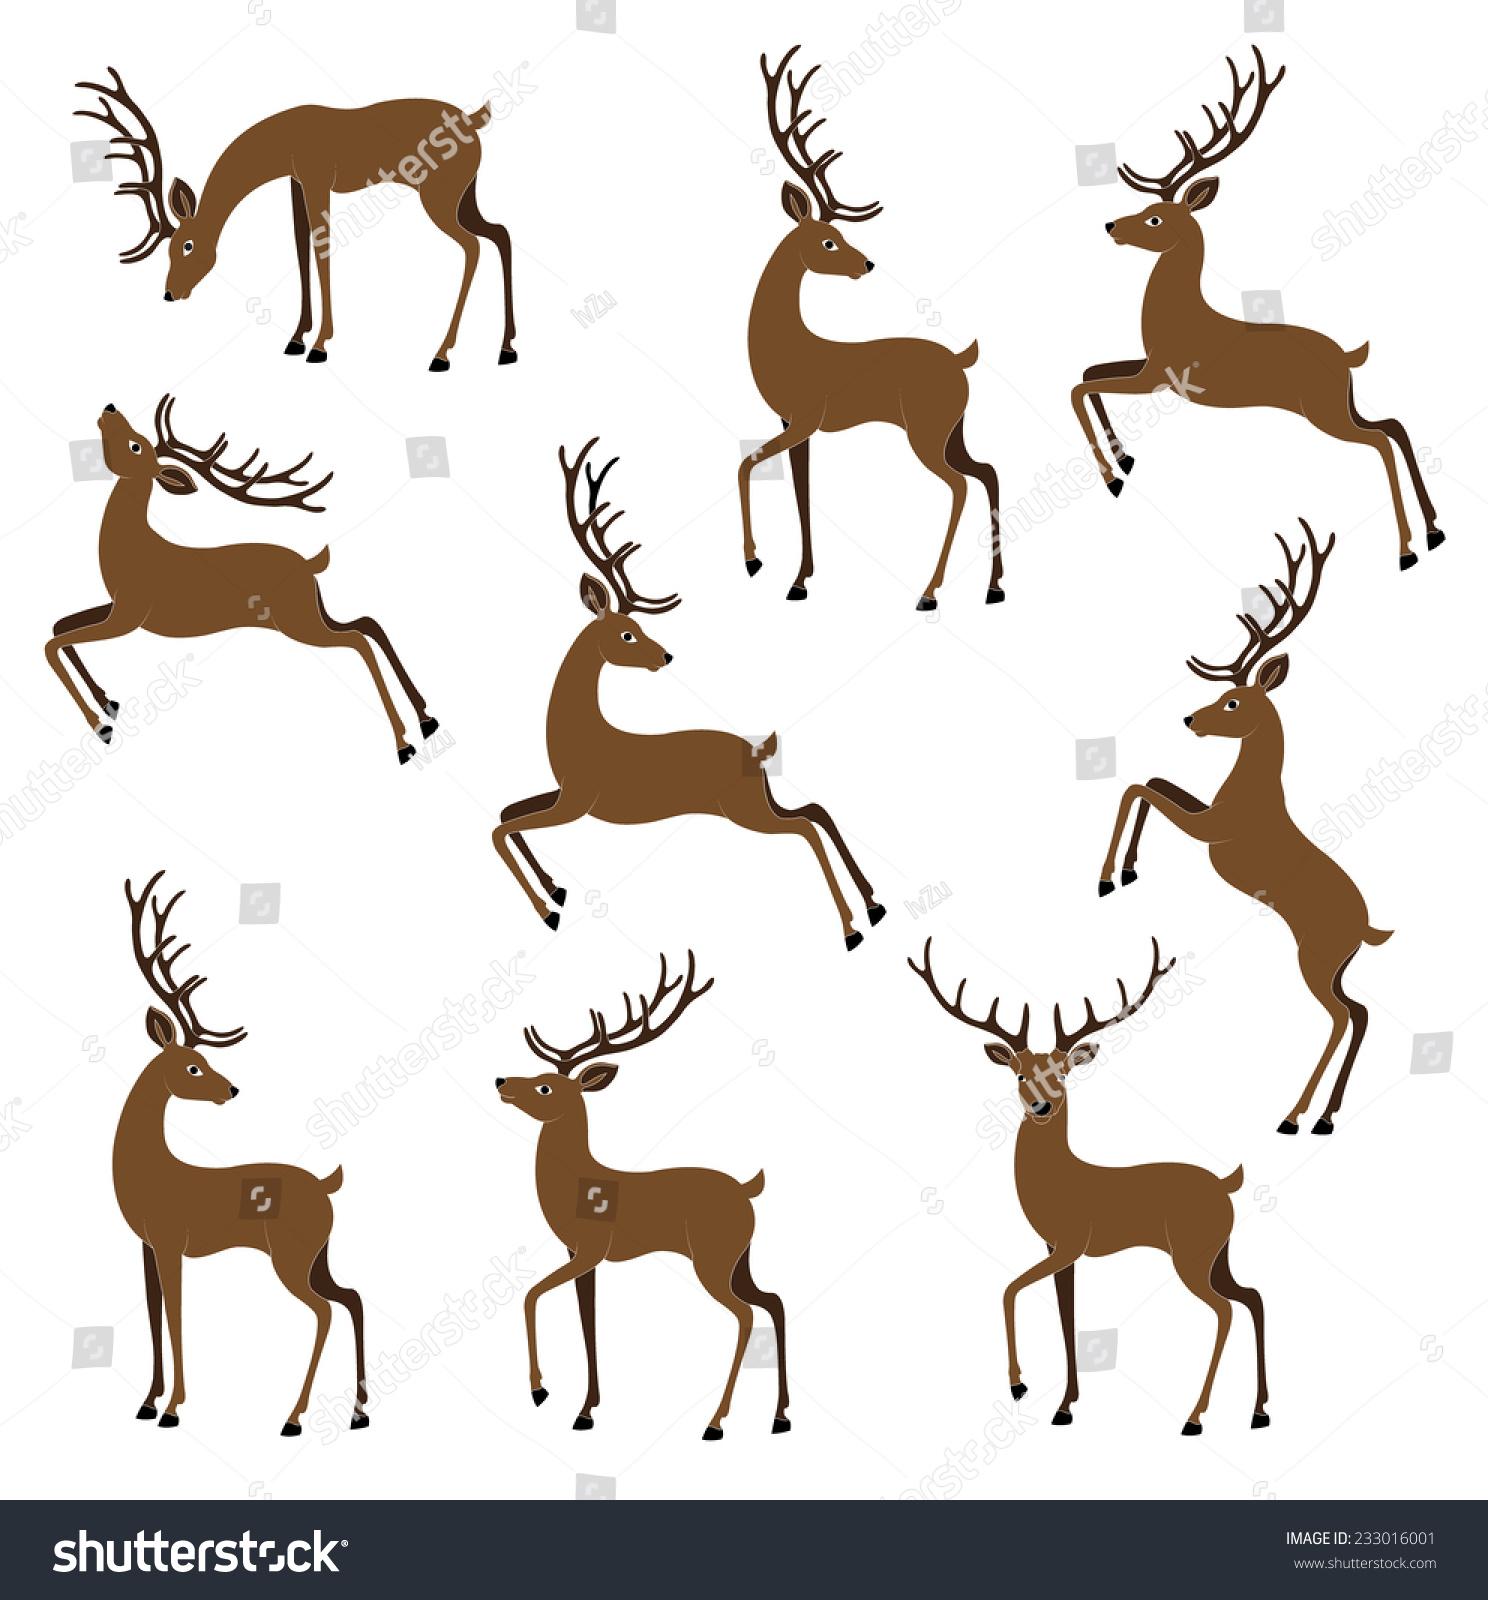 鹿色矢量图像-动物/野生生物,物体-海洛创意(hellorf)